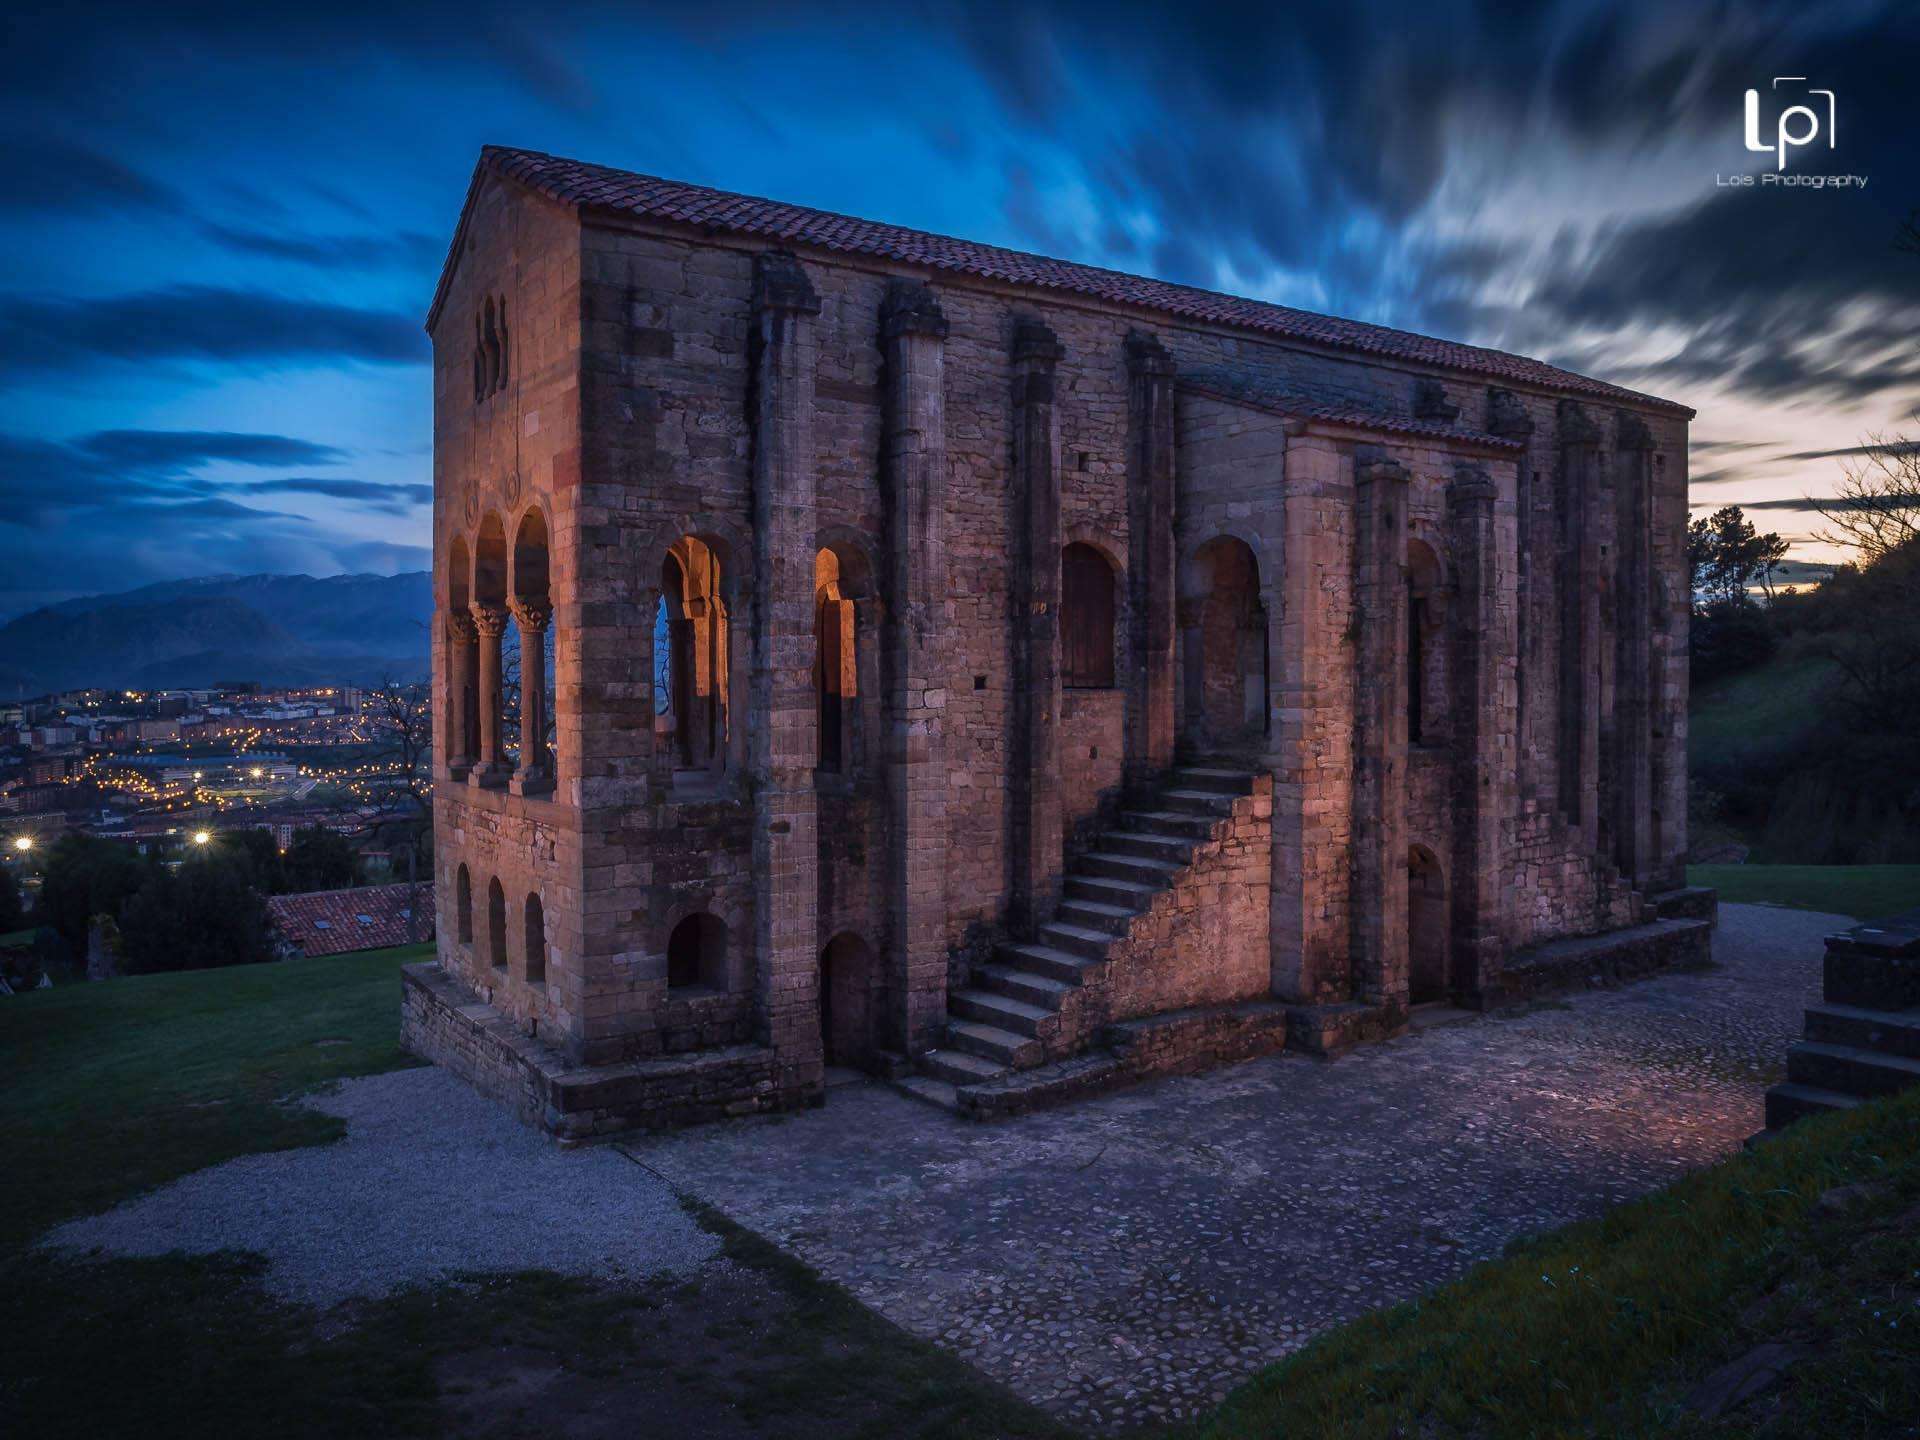 ciudades del Norte de España, Oviedo, Santa María del Naranco Fotografía por Lois Rial